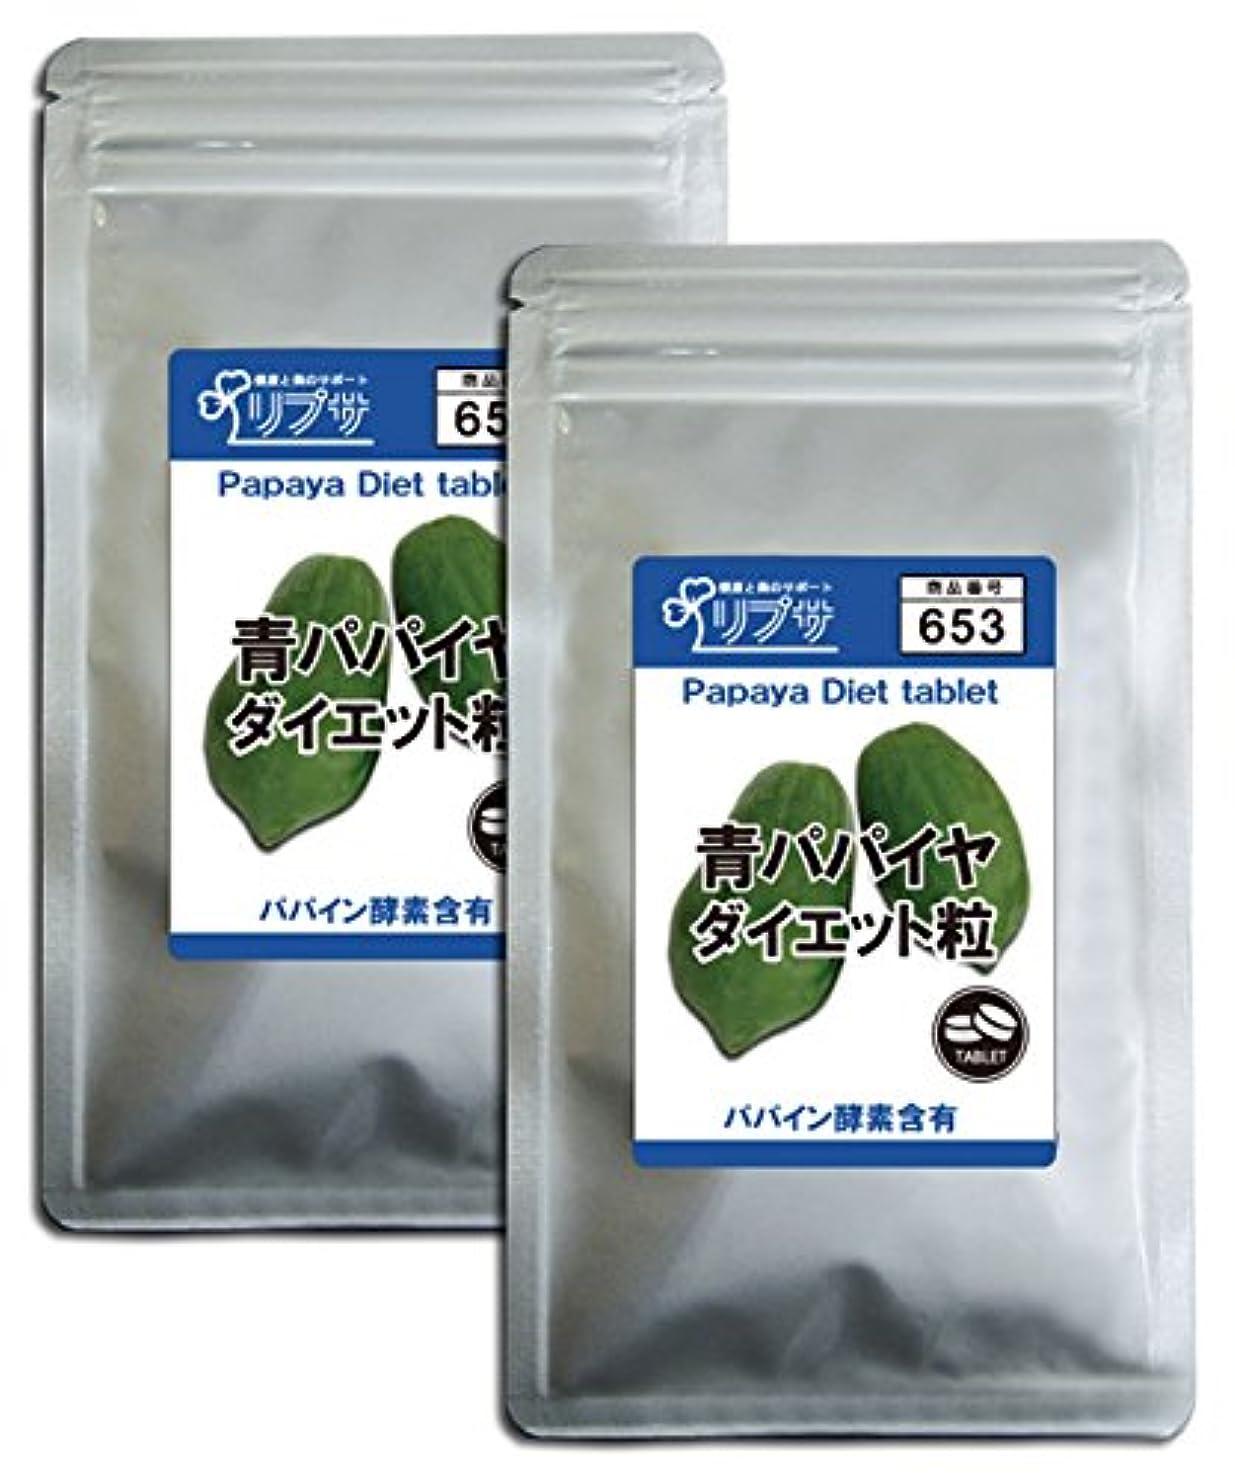 消すライラック素晴らしいです青パパイヤダイエット粒 約3か月分×2袋 T-653-2